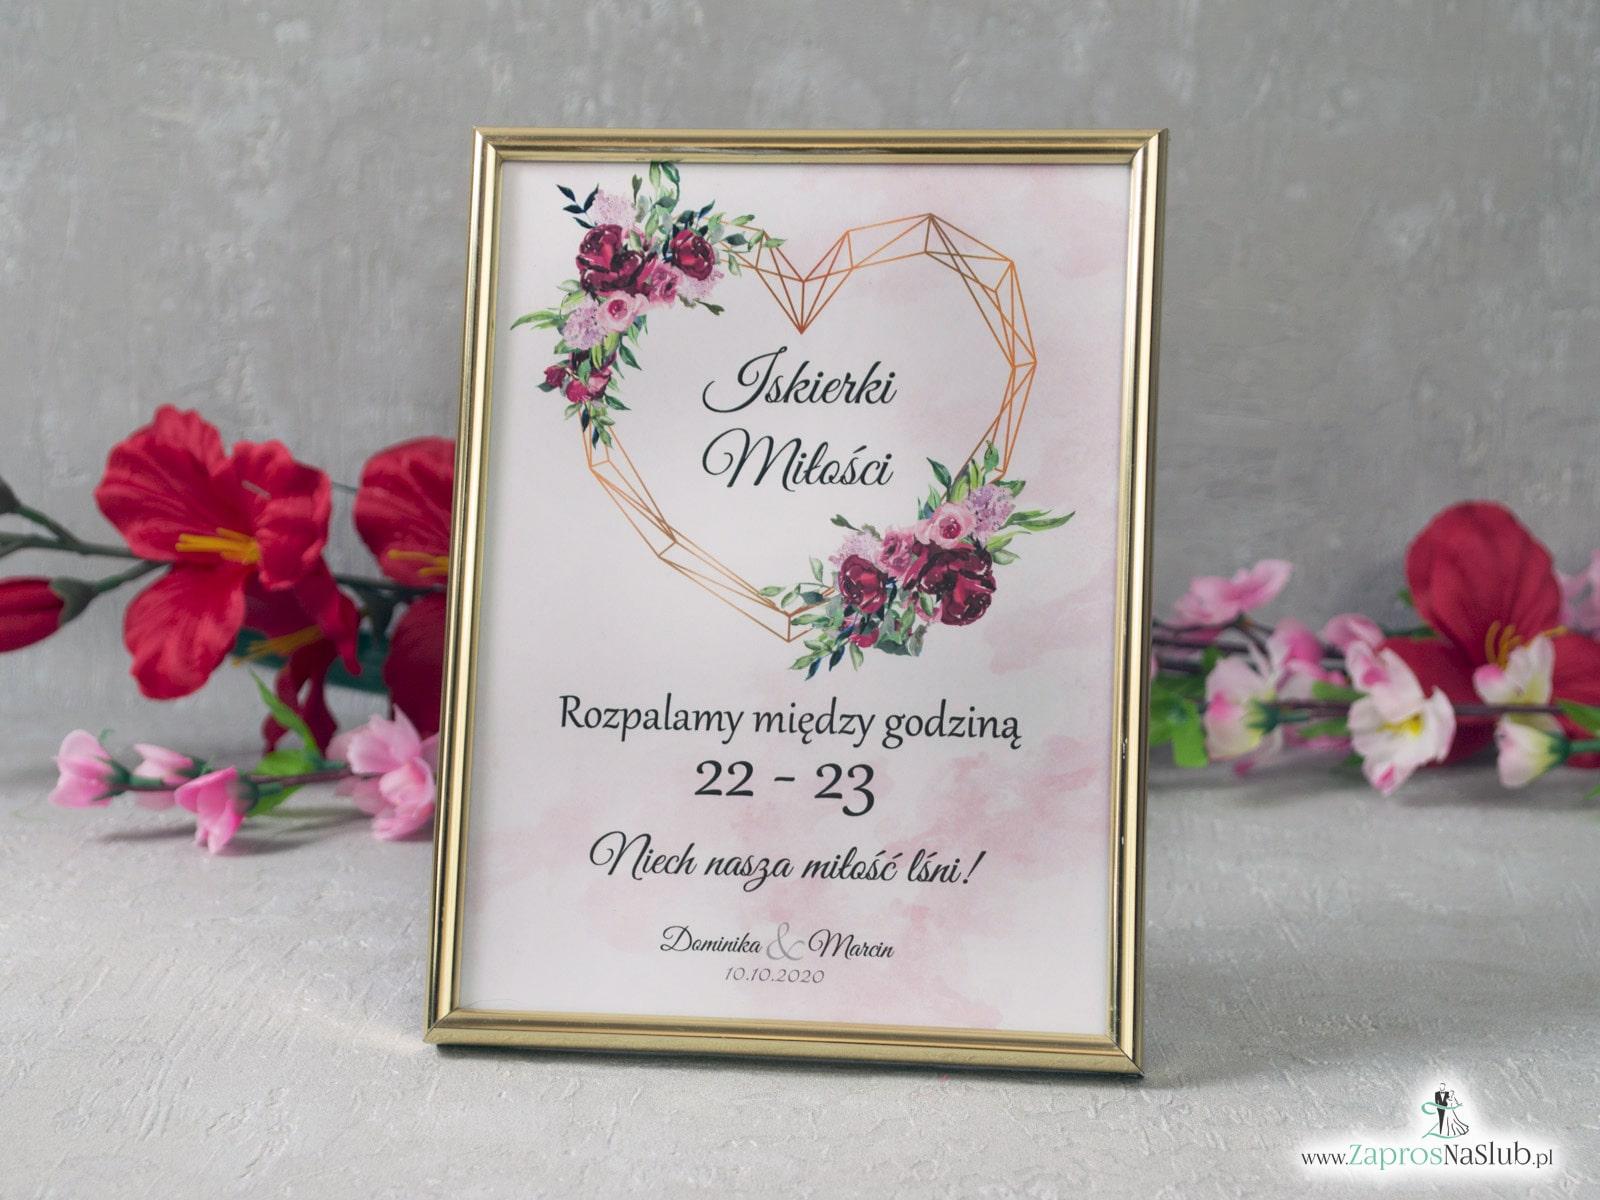 Iskierki miłości informacja o godzinie w ramce z kwiatami piwonii i geometrycznym sercem IMIR-41-08